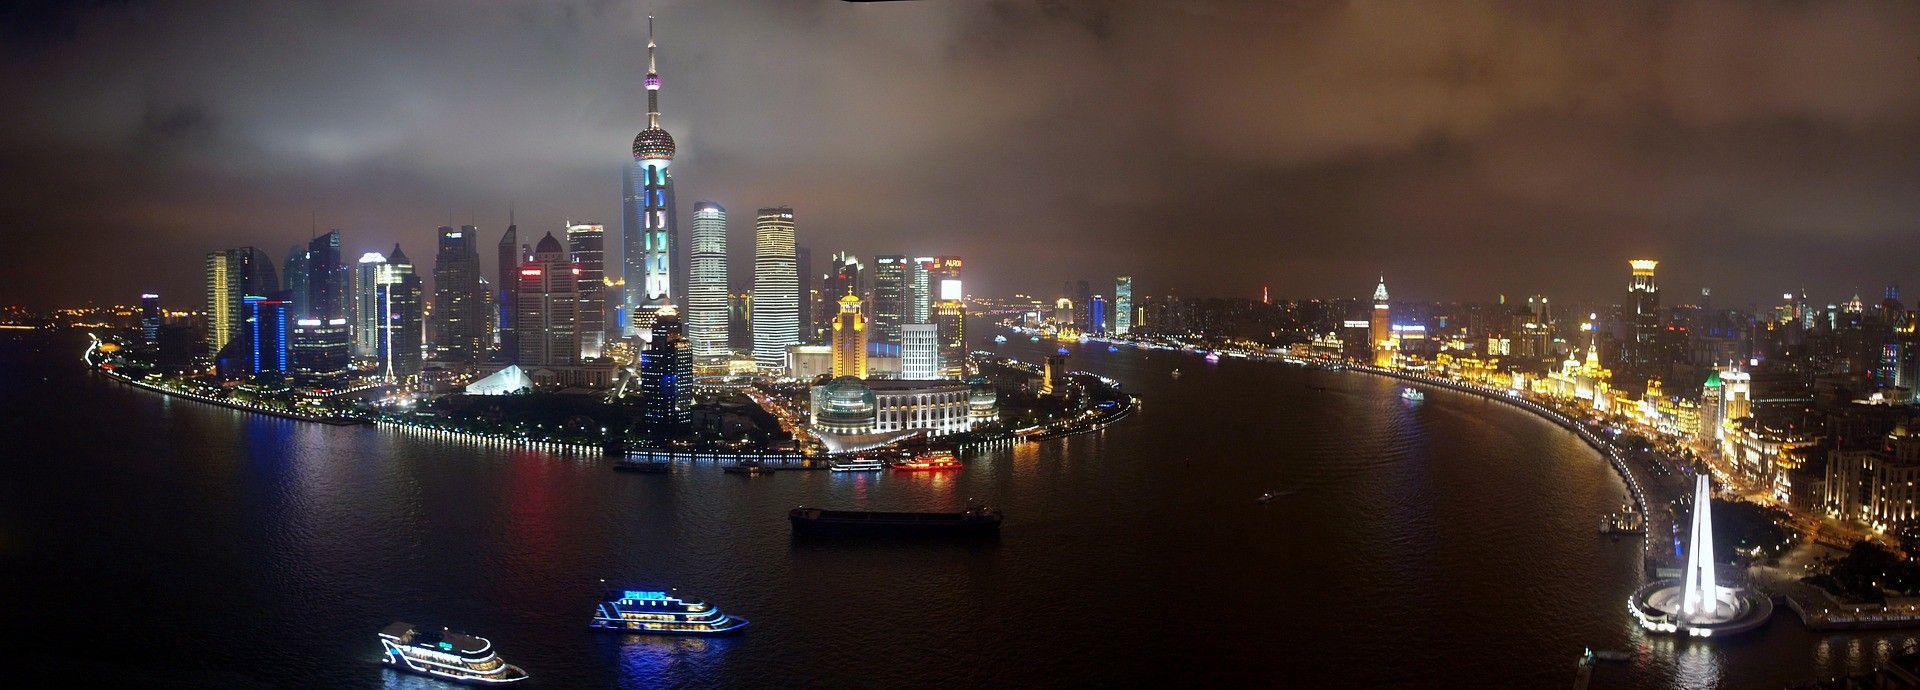 Panoramic photo of Shanghai